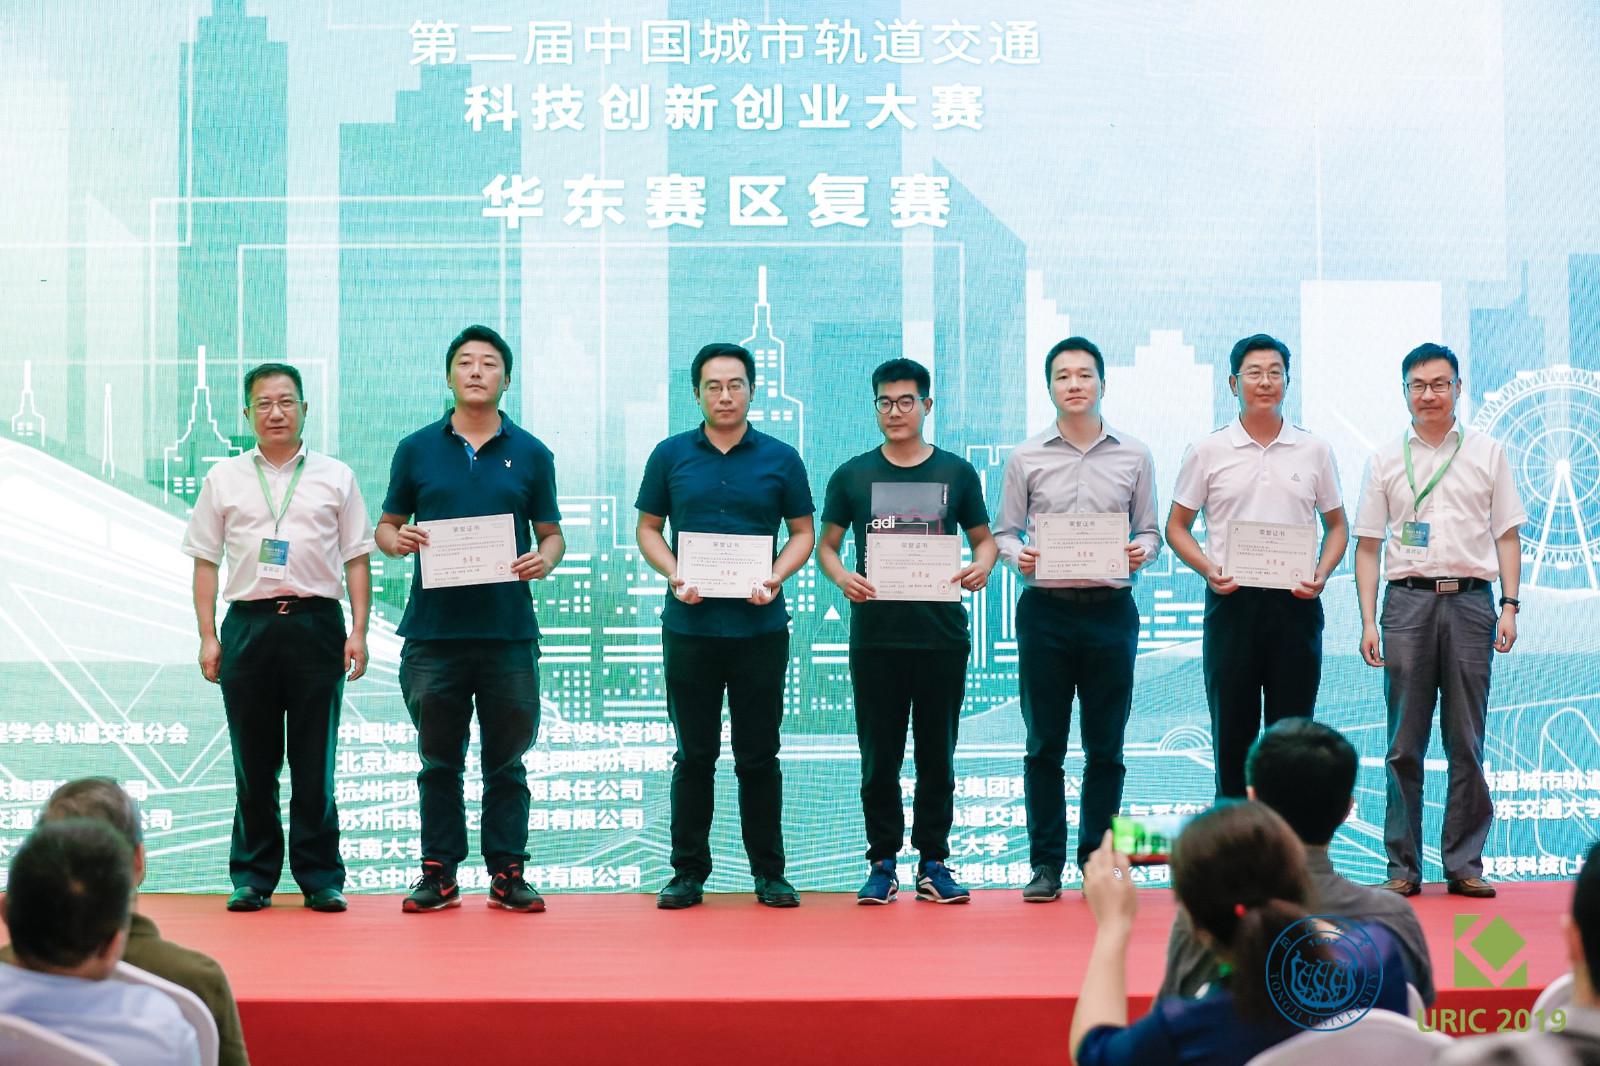 机电中心两个创新项目获得中国城市轨道交通科技创新创业大赛奖项2.jpg